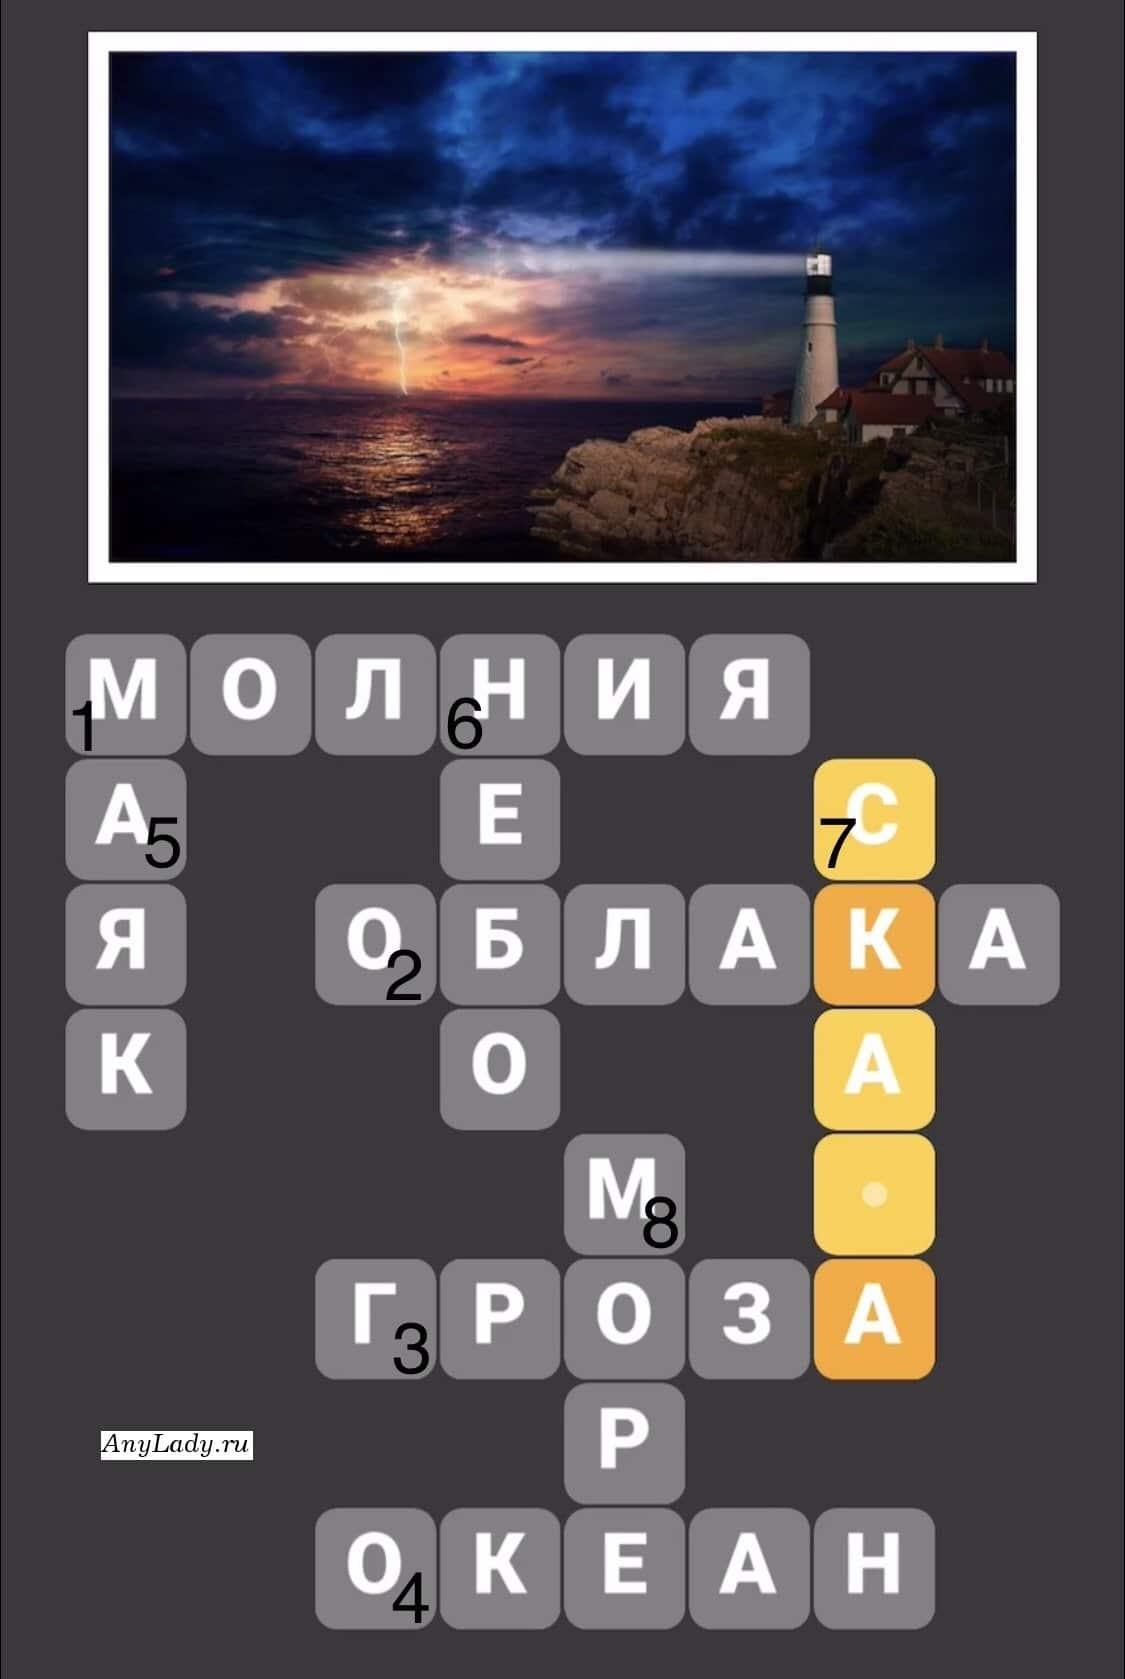 По горизонтали:  1. Молния  2. Облака  3. Гроза  4. Океан По вертикали:  5. Маяк  6. Небо  7. Скала  8. Море